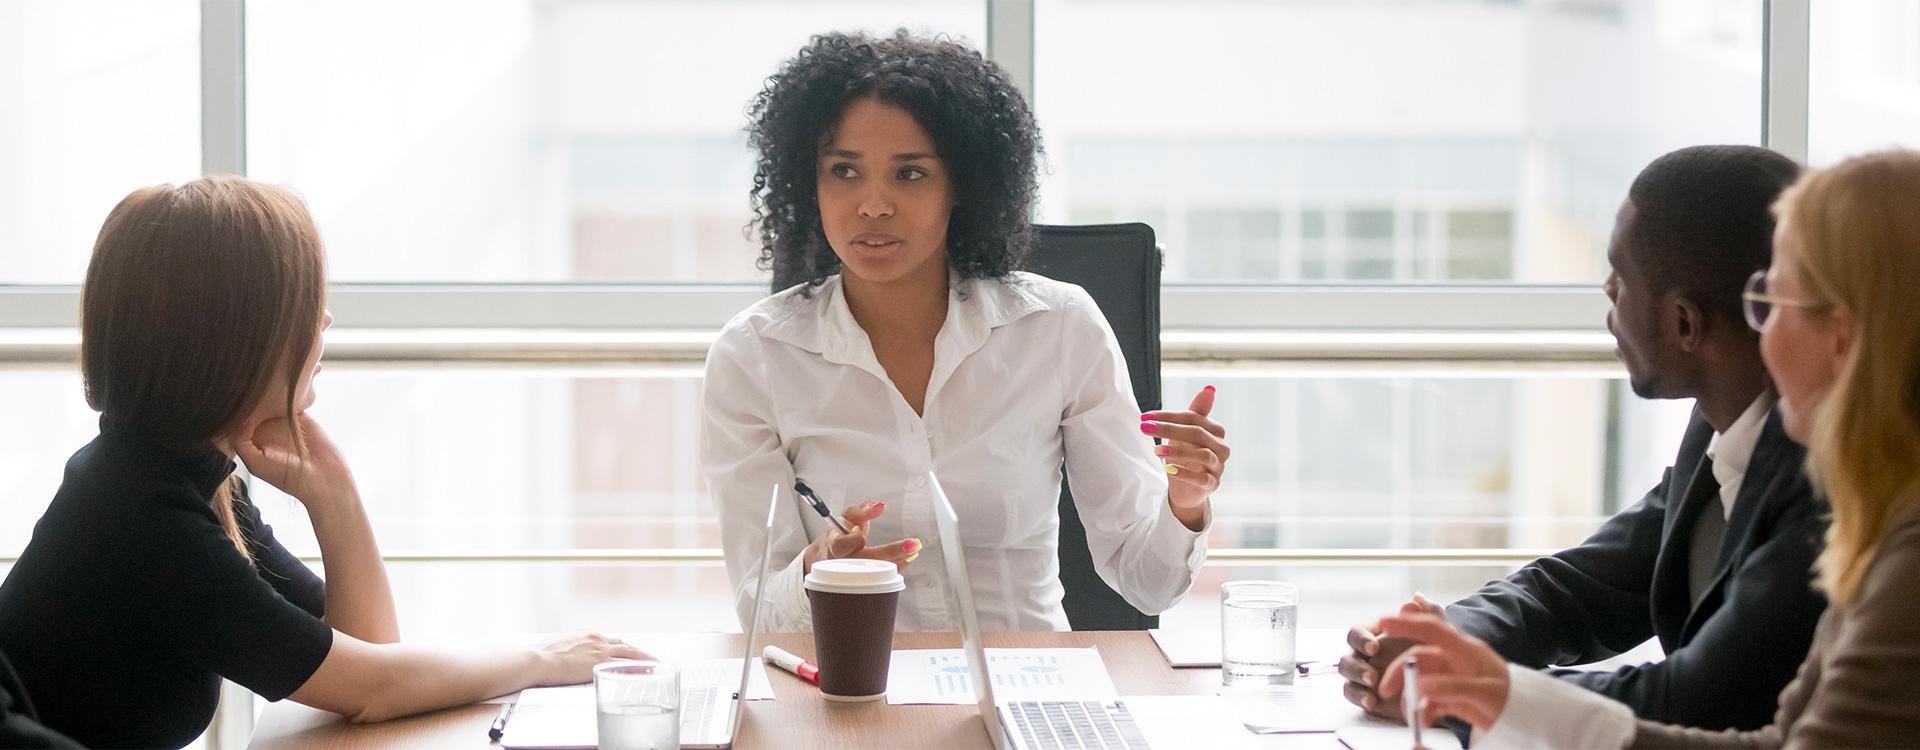 Quelle place pour les femmes dans les entreprises françaises ? / C1-C2